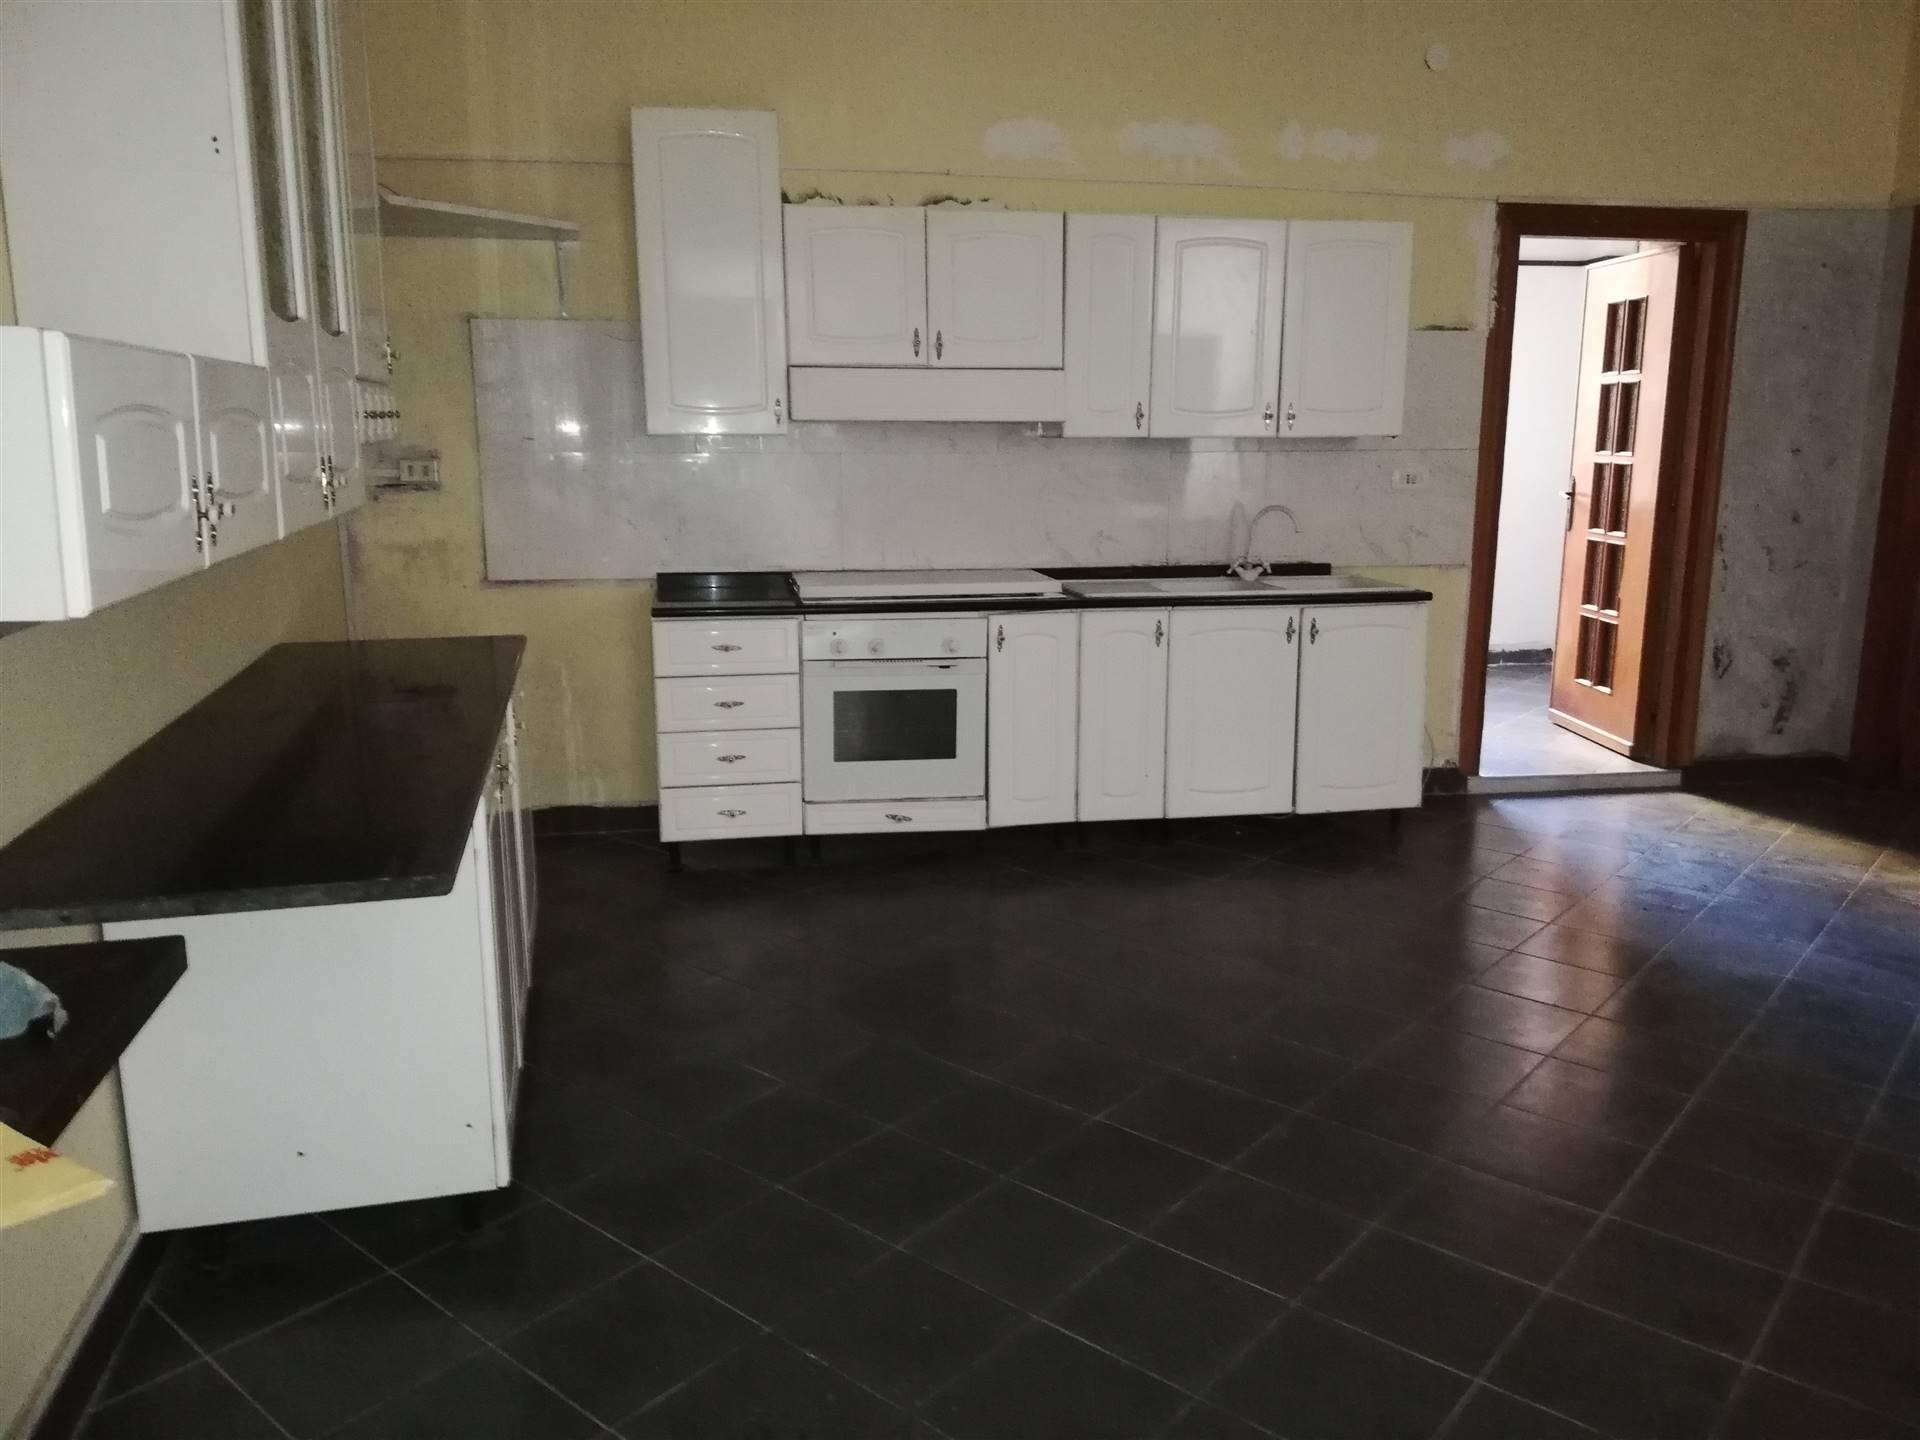 Soluzione Indipendente in affitto a Casamarciano, 4 locali, prezzo € 400 | CambioCasa.it